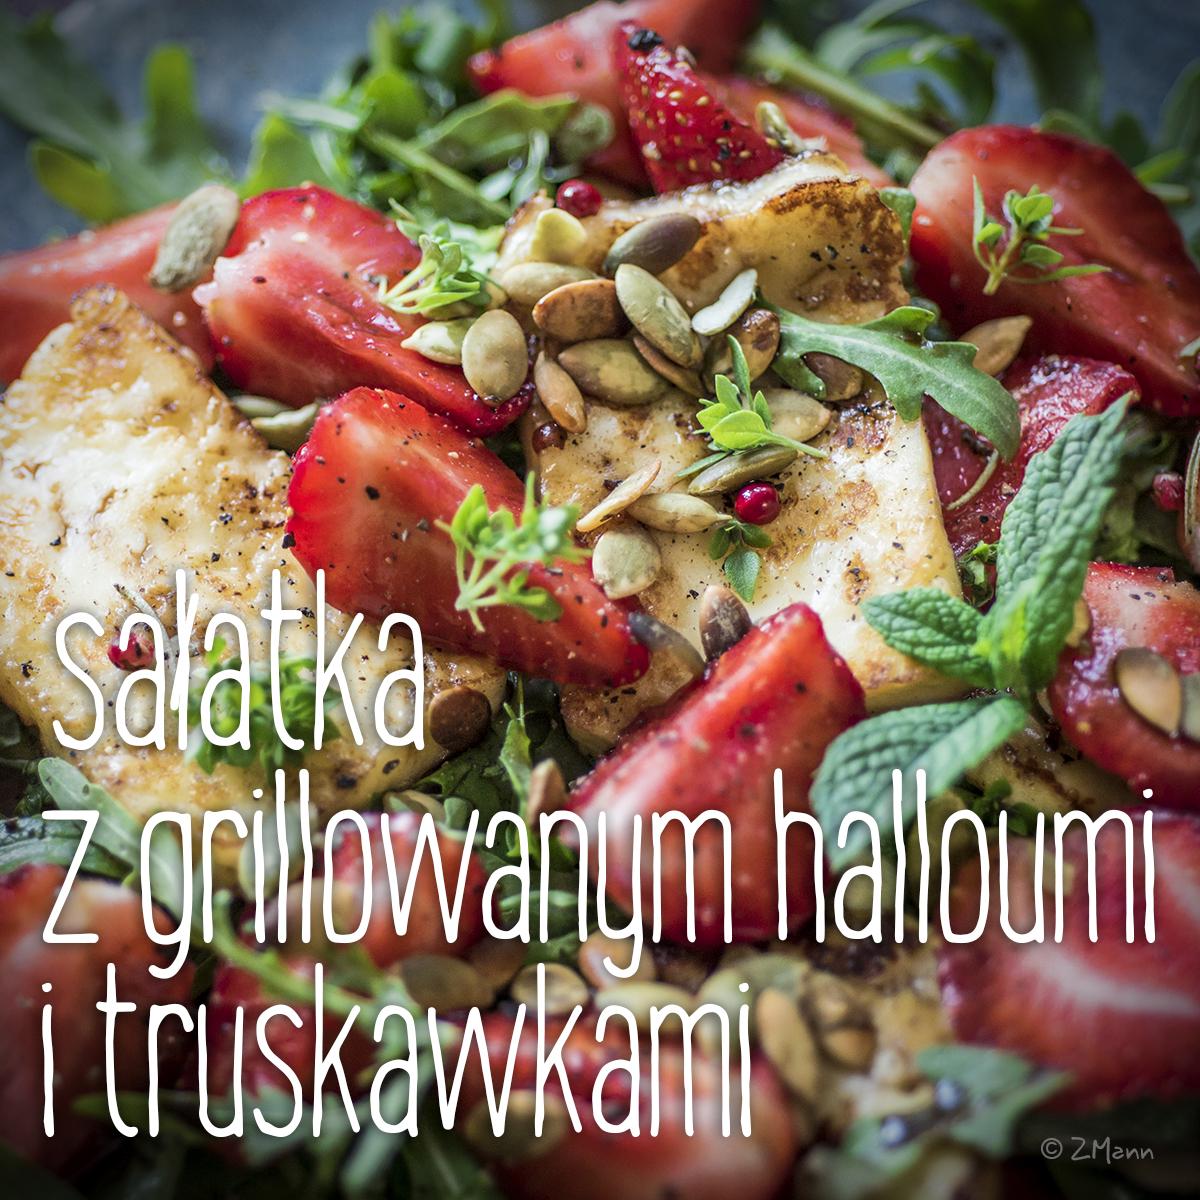 z widokiem na stół   |   sałatka z grillowanym halloumi i truskawkami